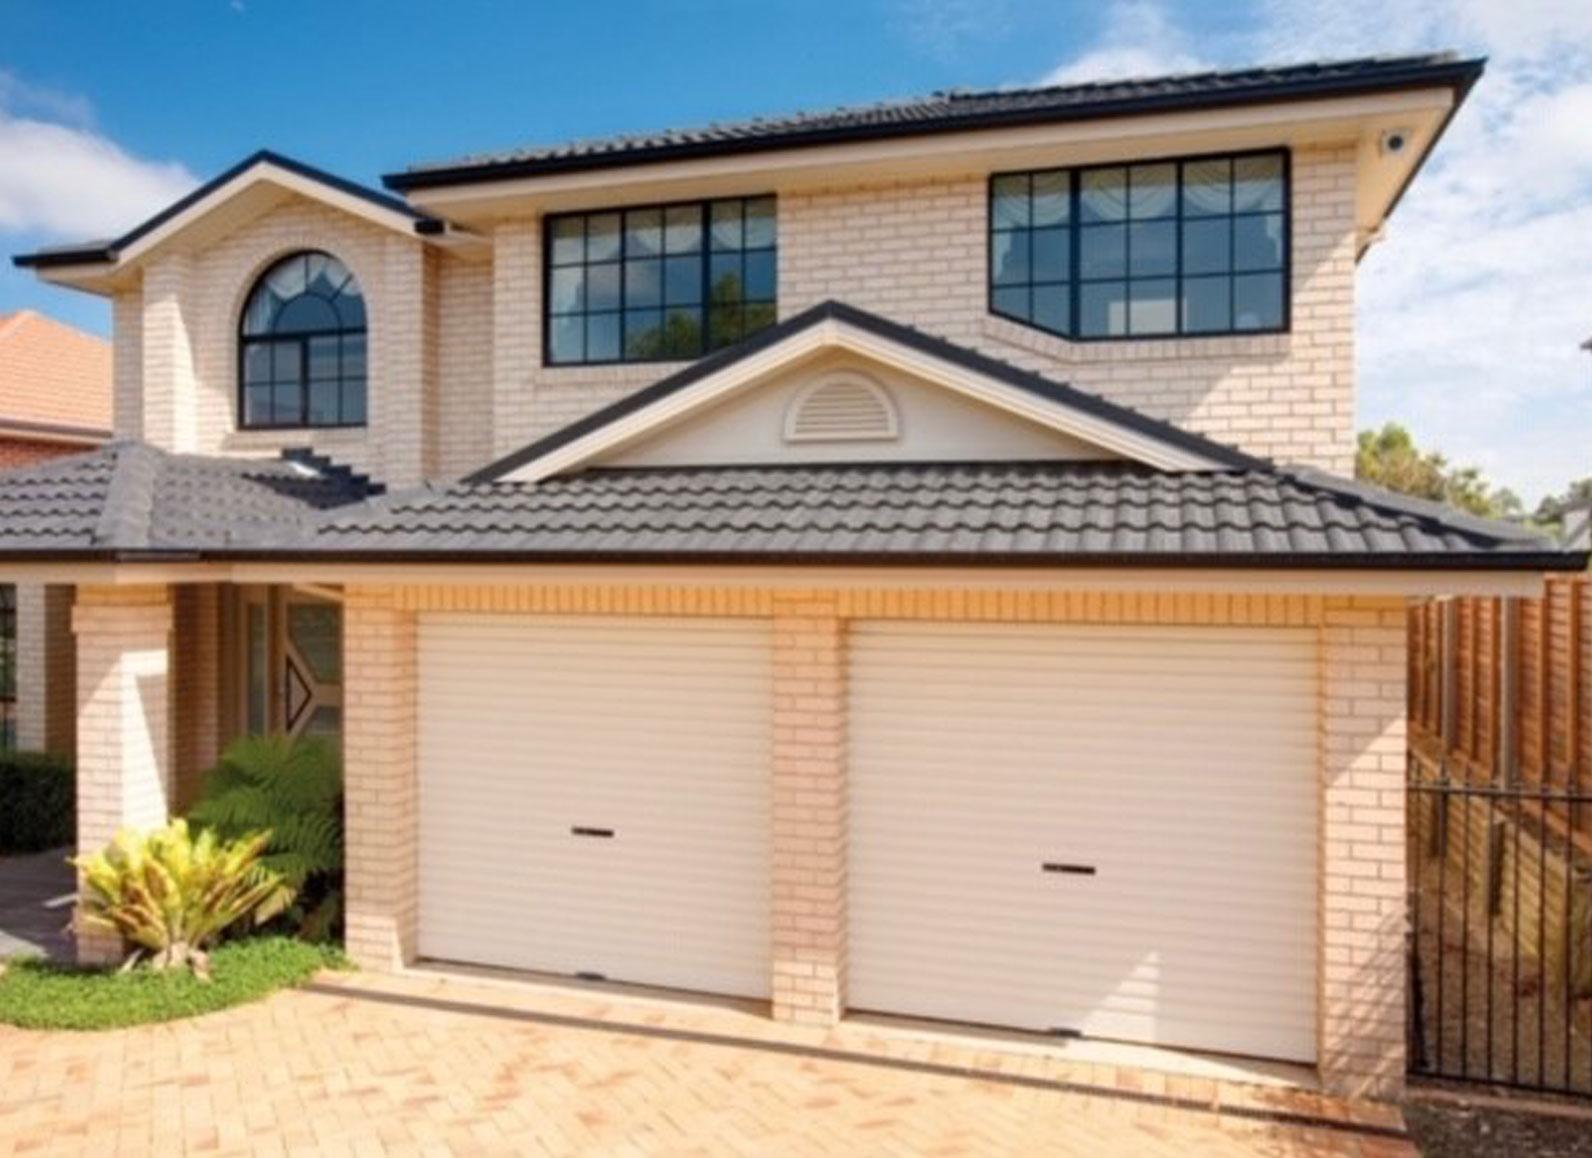 7 indications your garage door needs a service